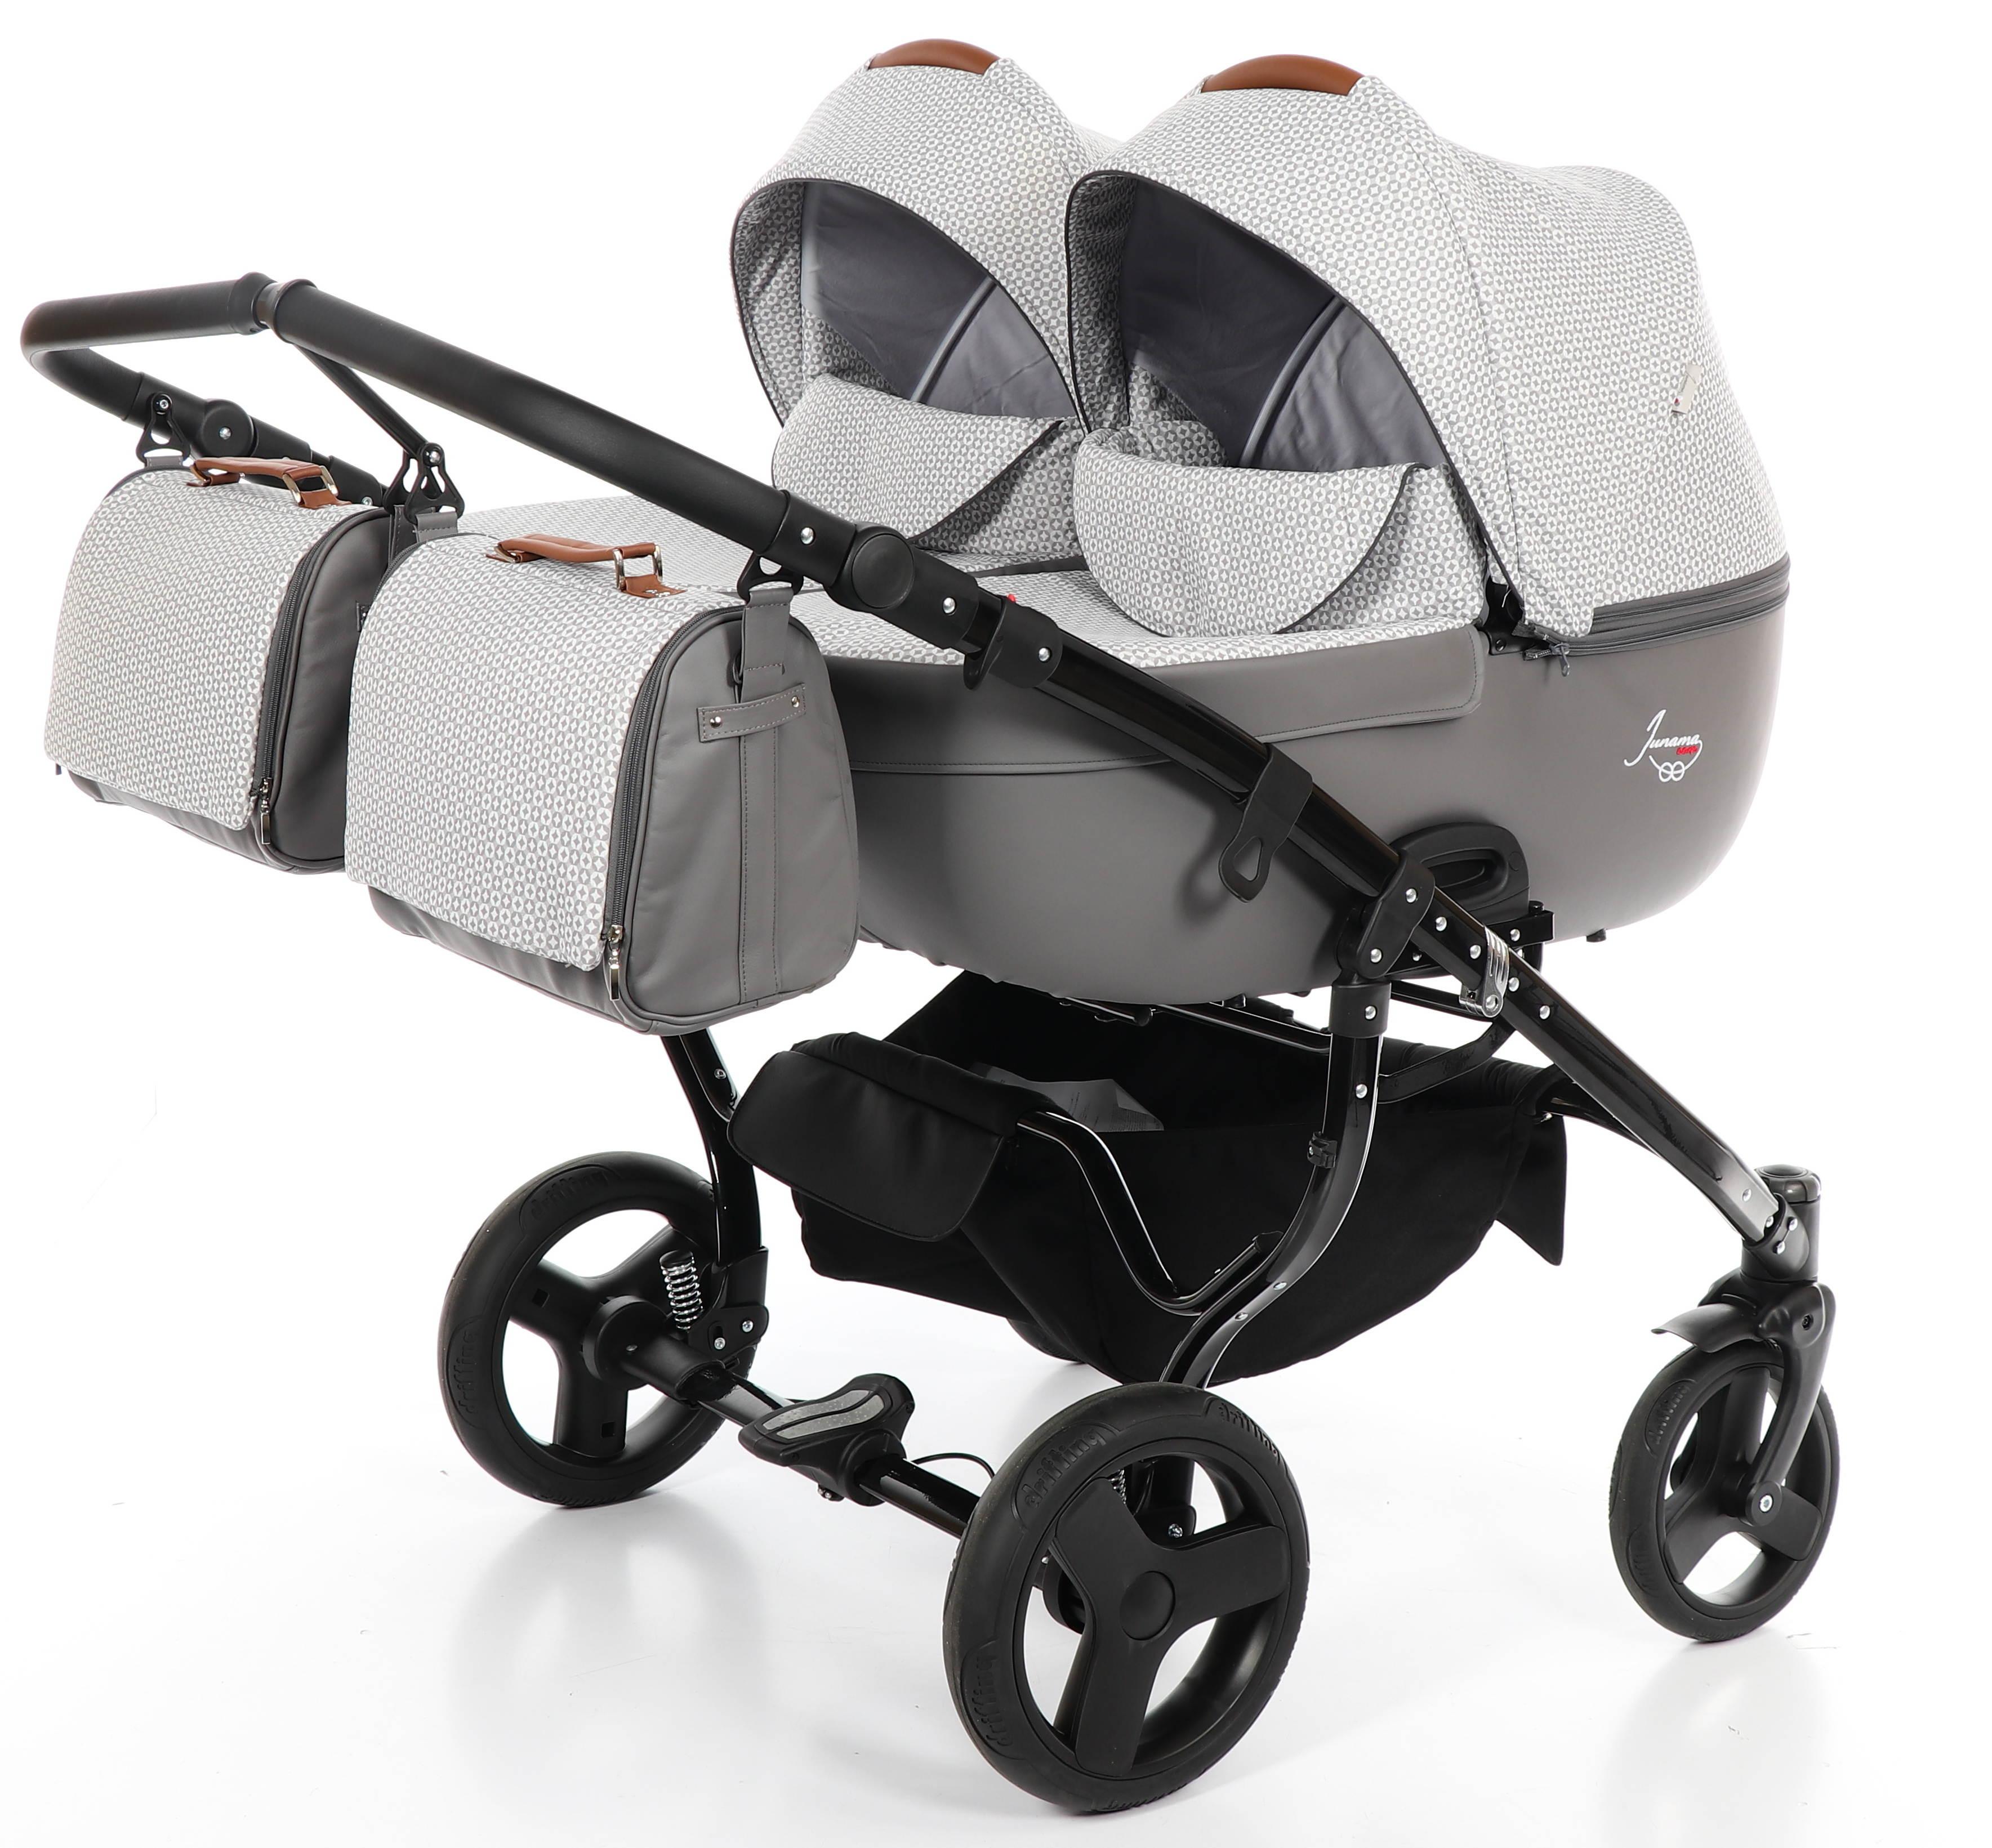 bliźniaczy wózek dziecięcy Madena Duo wielofunkcyjny Junama